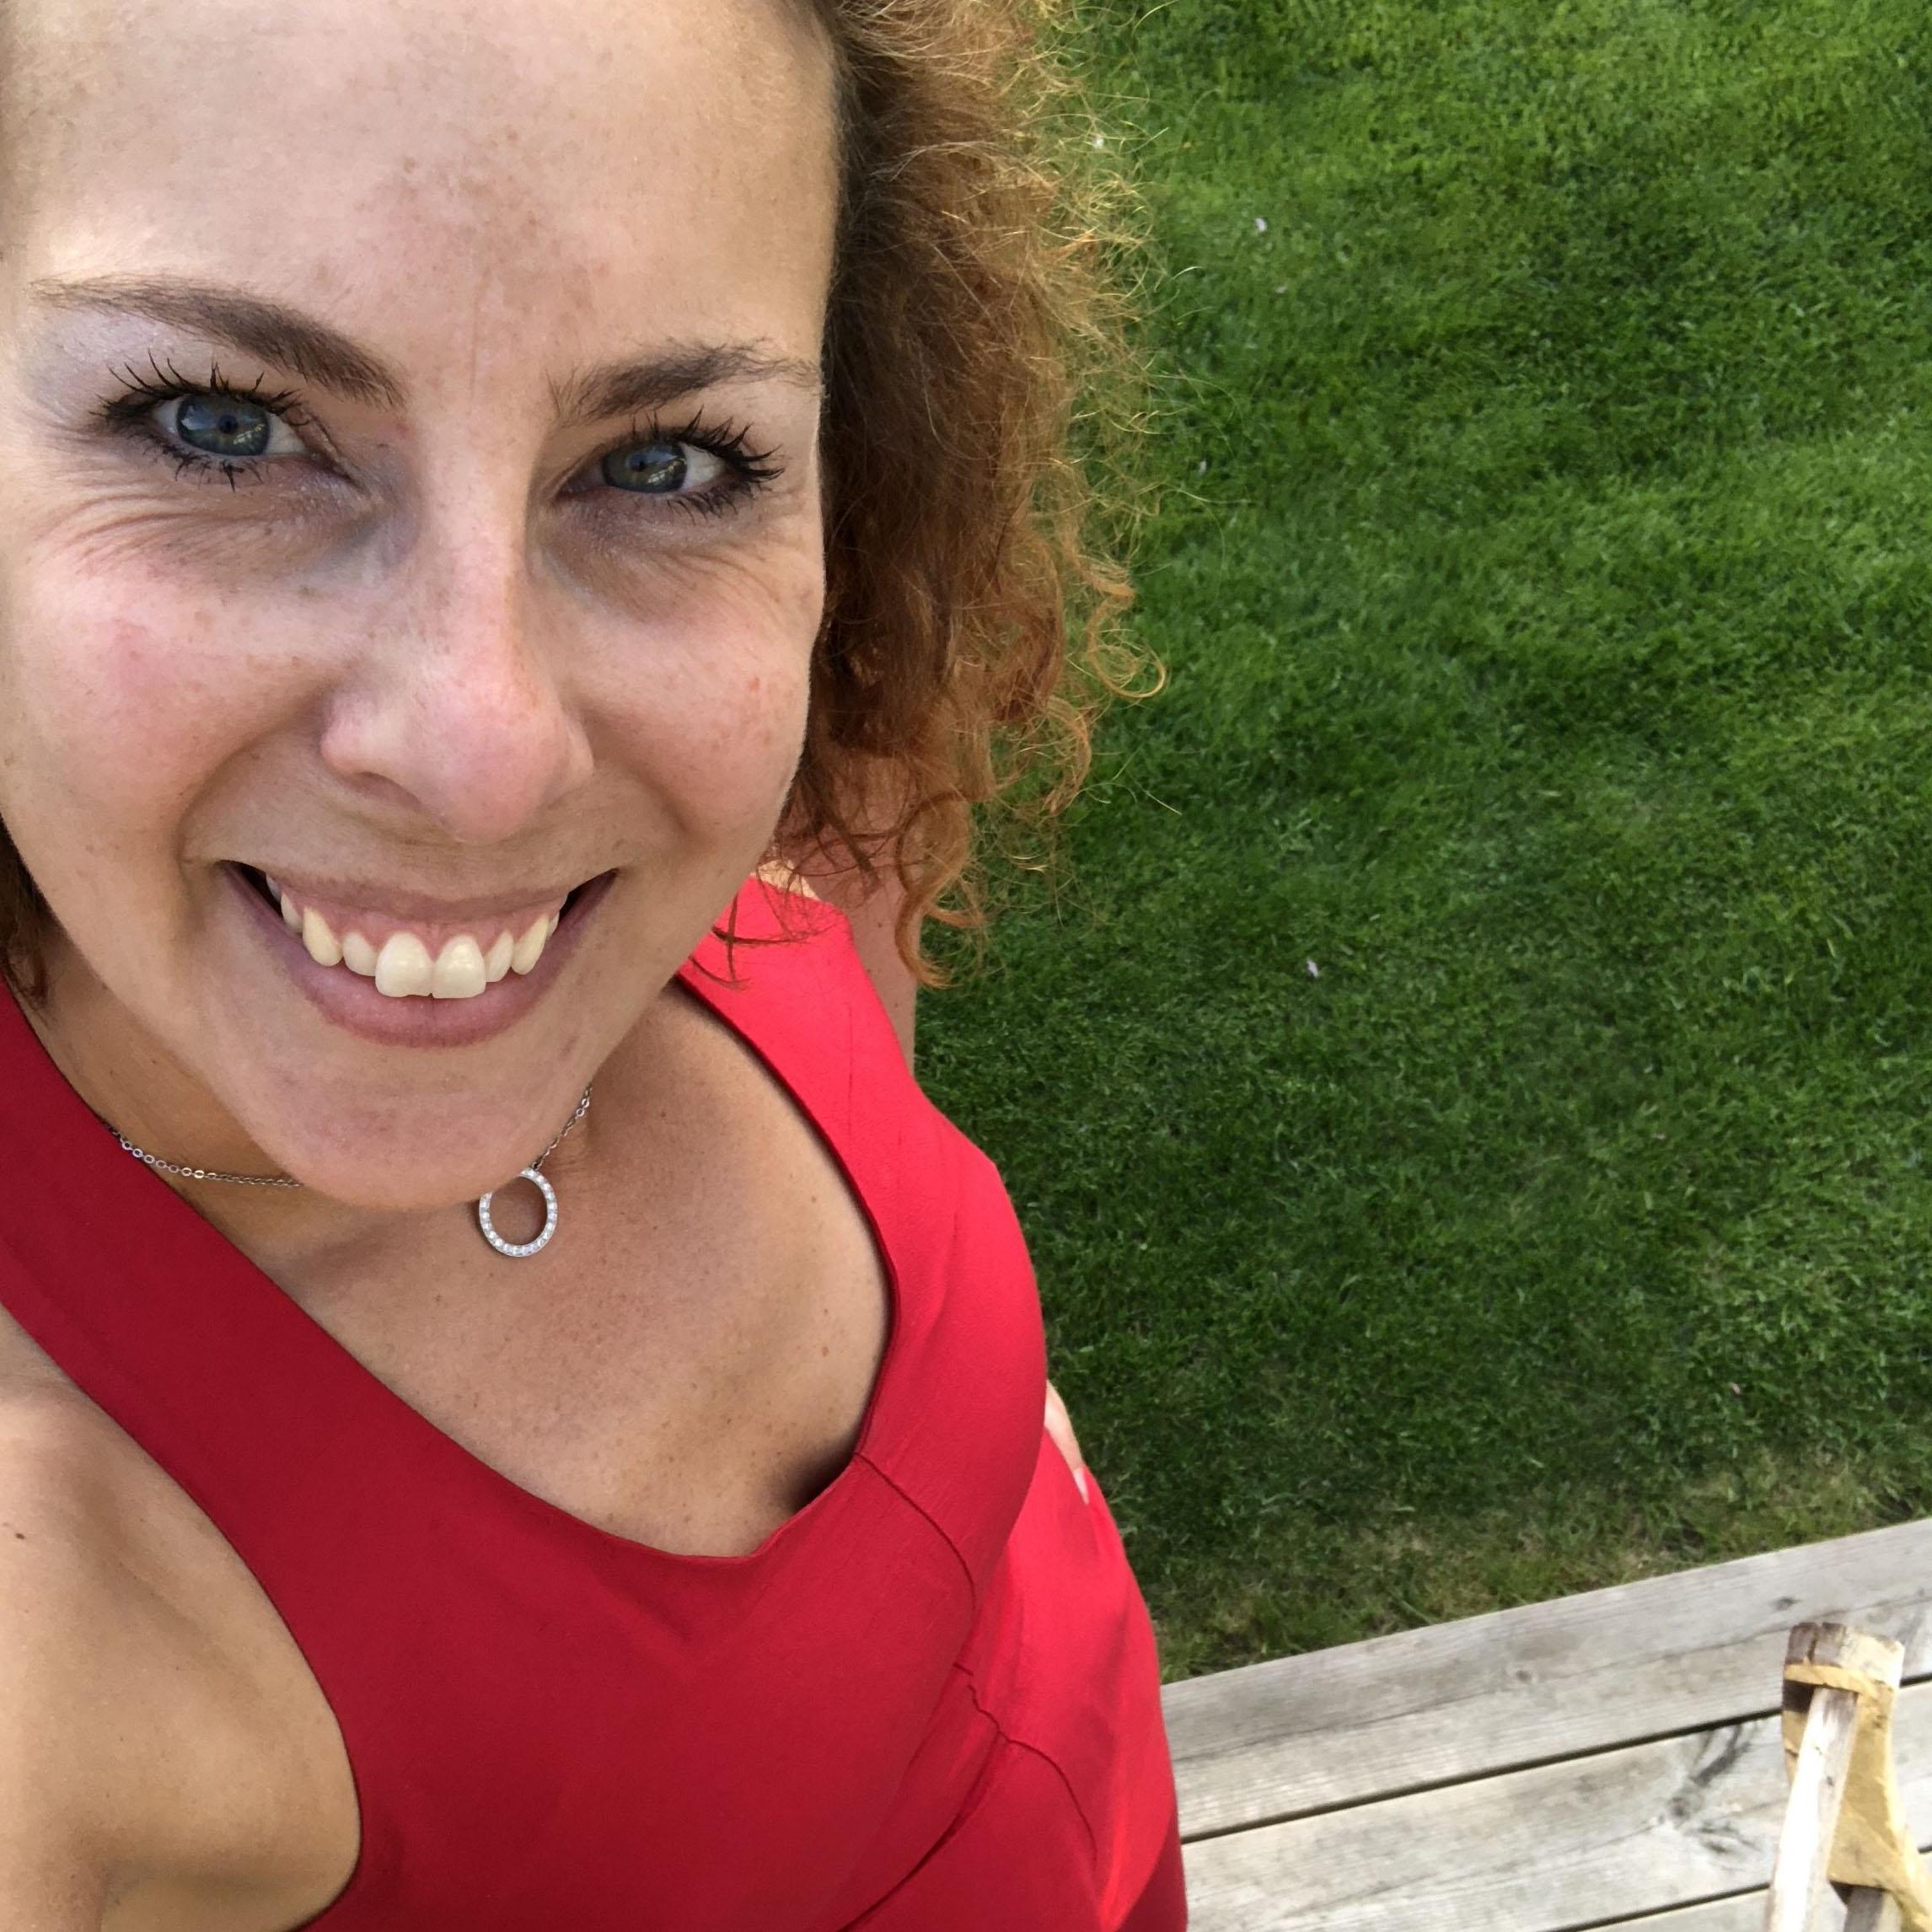 Välkommen till min blogg om att vara gastric sleeve-opererad